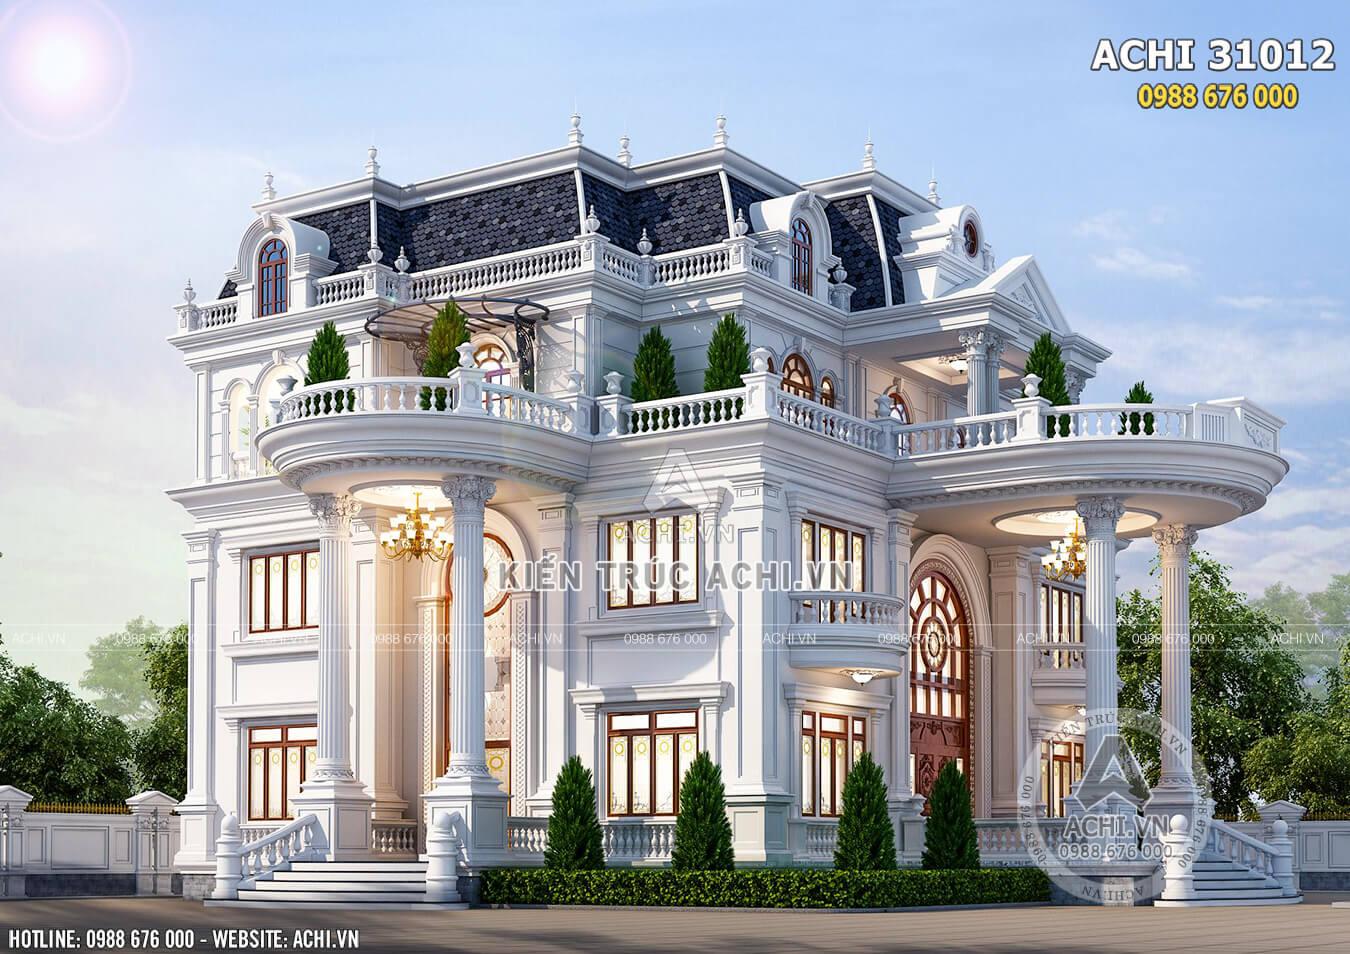 Hệ thống sảnh chính và sảnh phụ tòa dinh thự được đầu tư thiết kế chi tiết